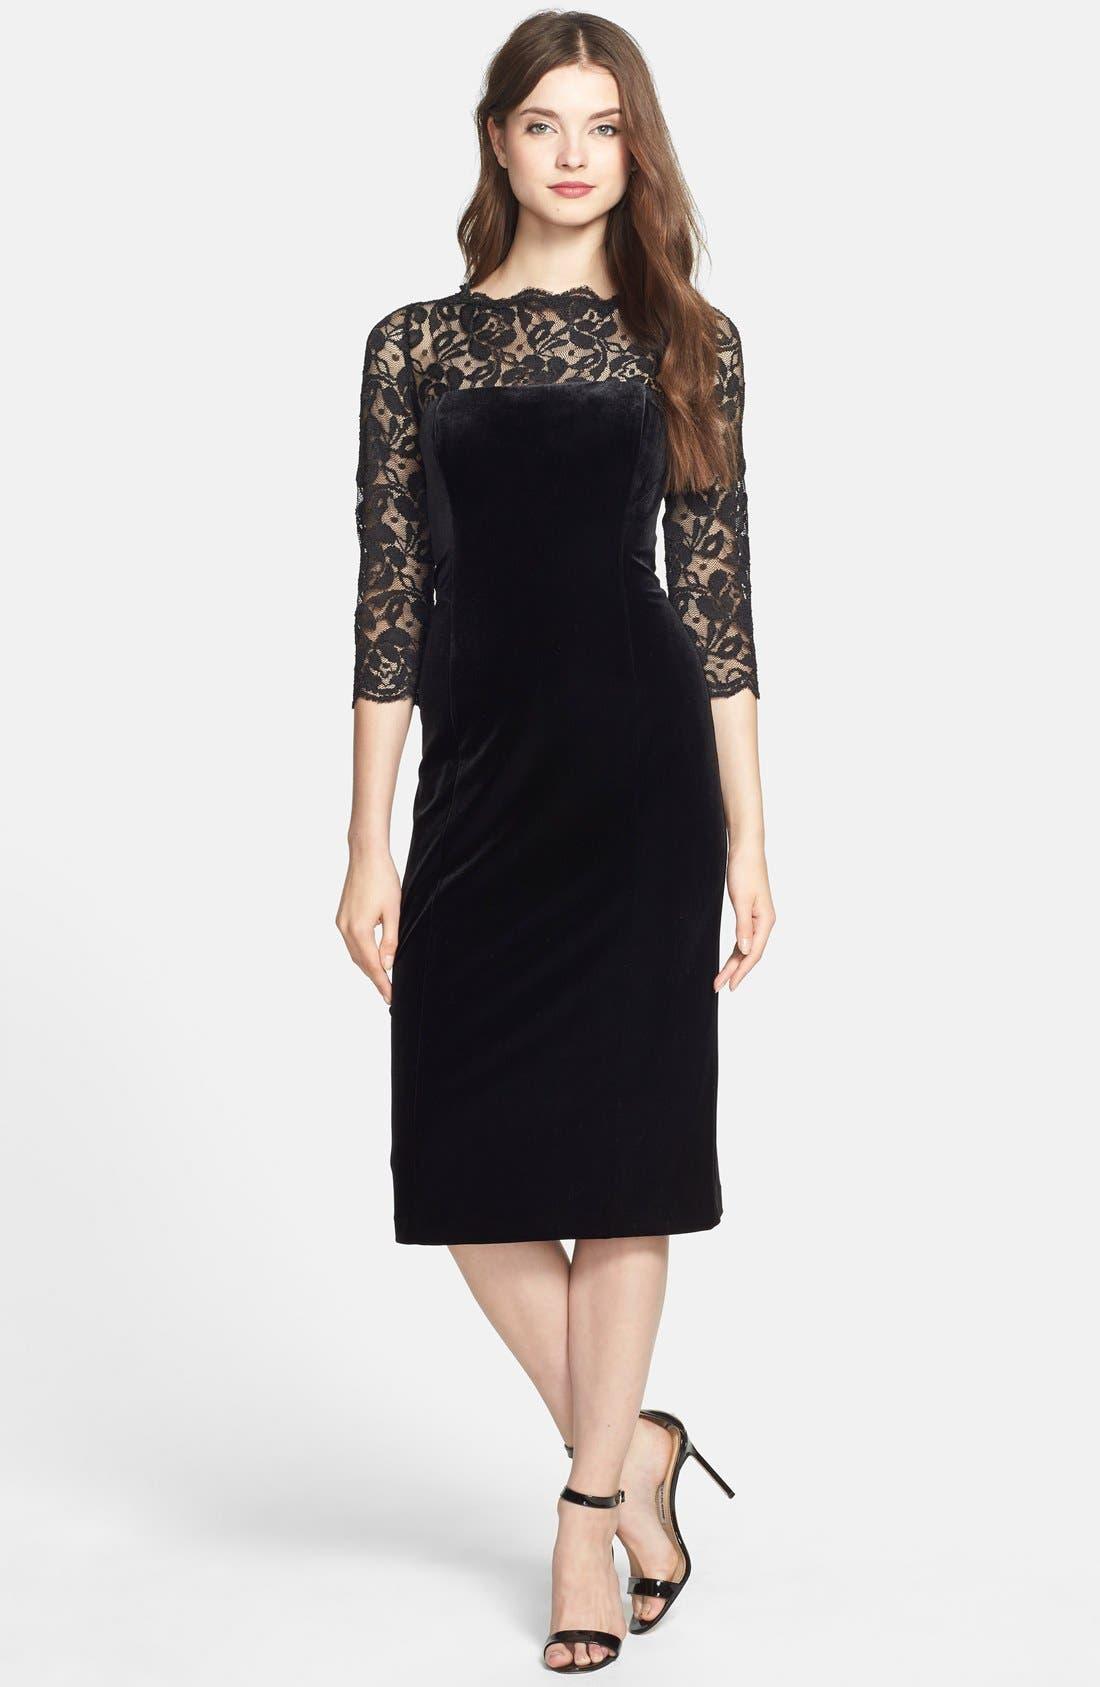 Women's & Teens' Little Black Dresses | Nordstrom